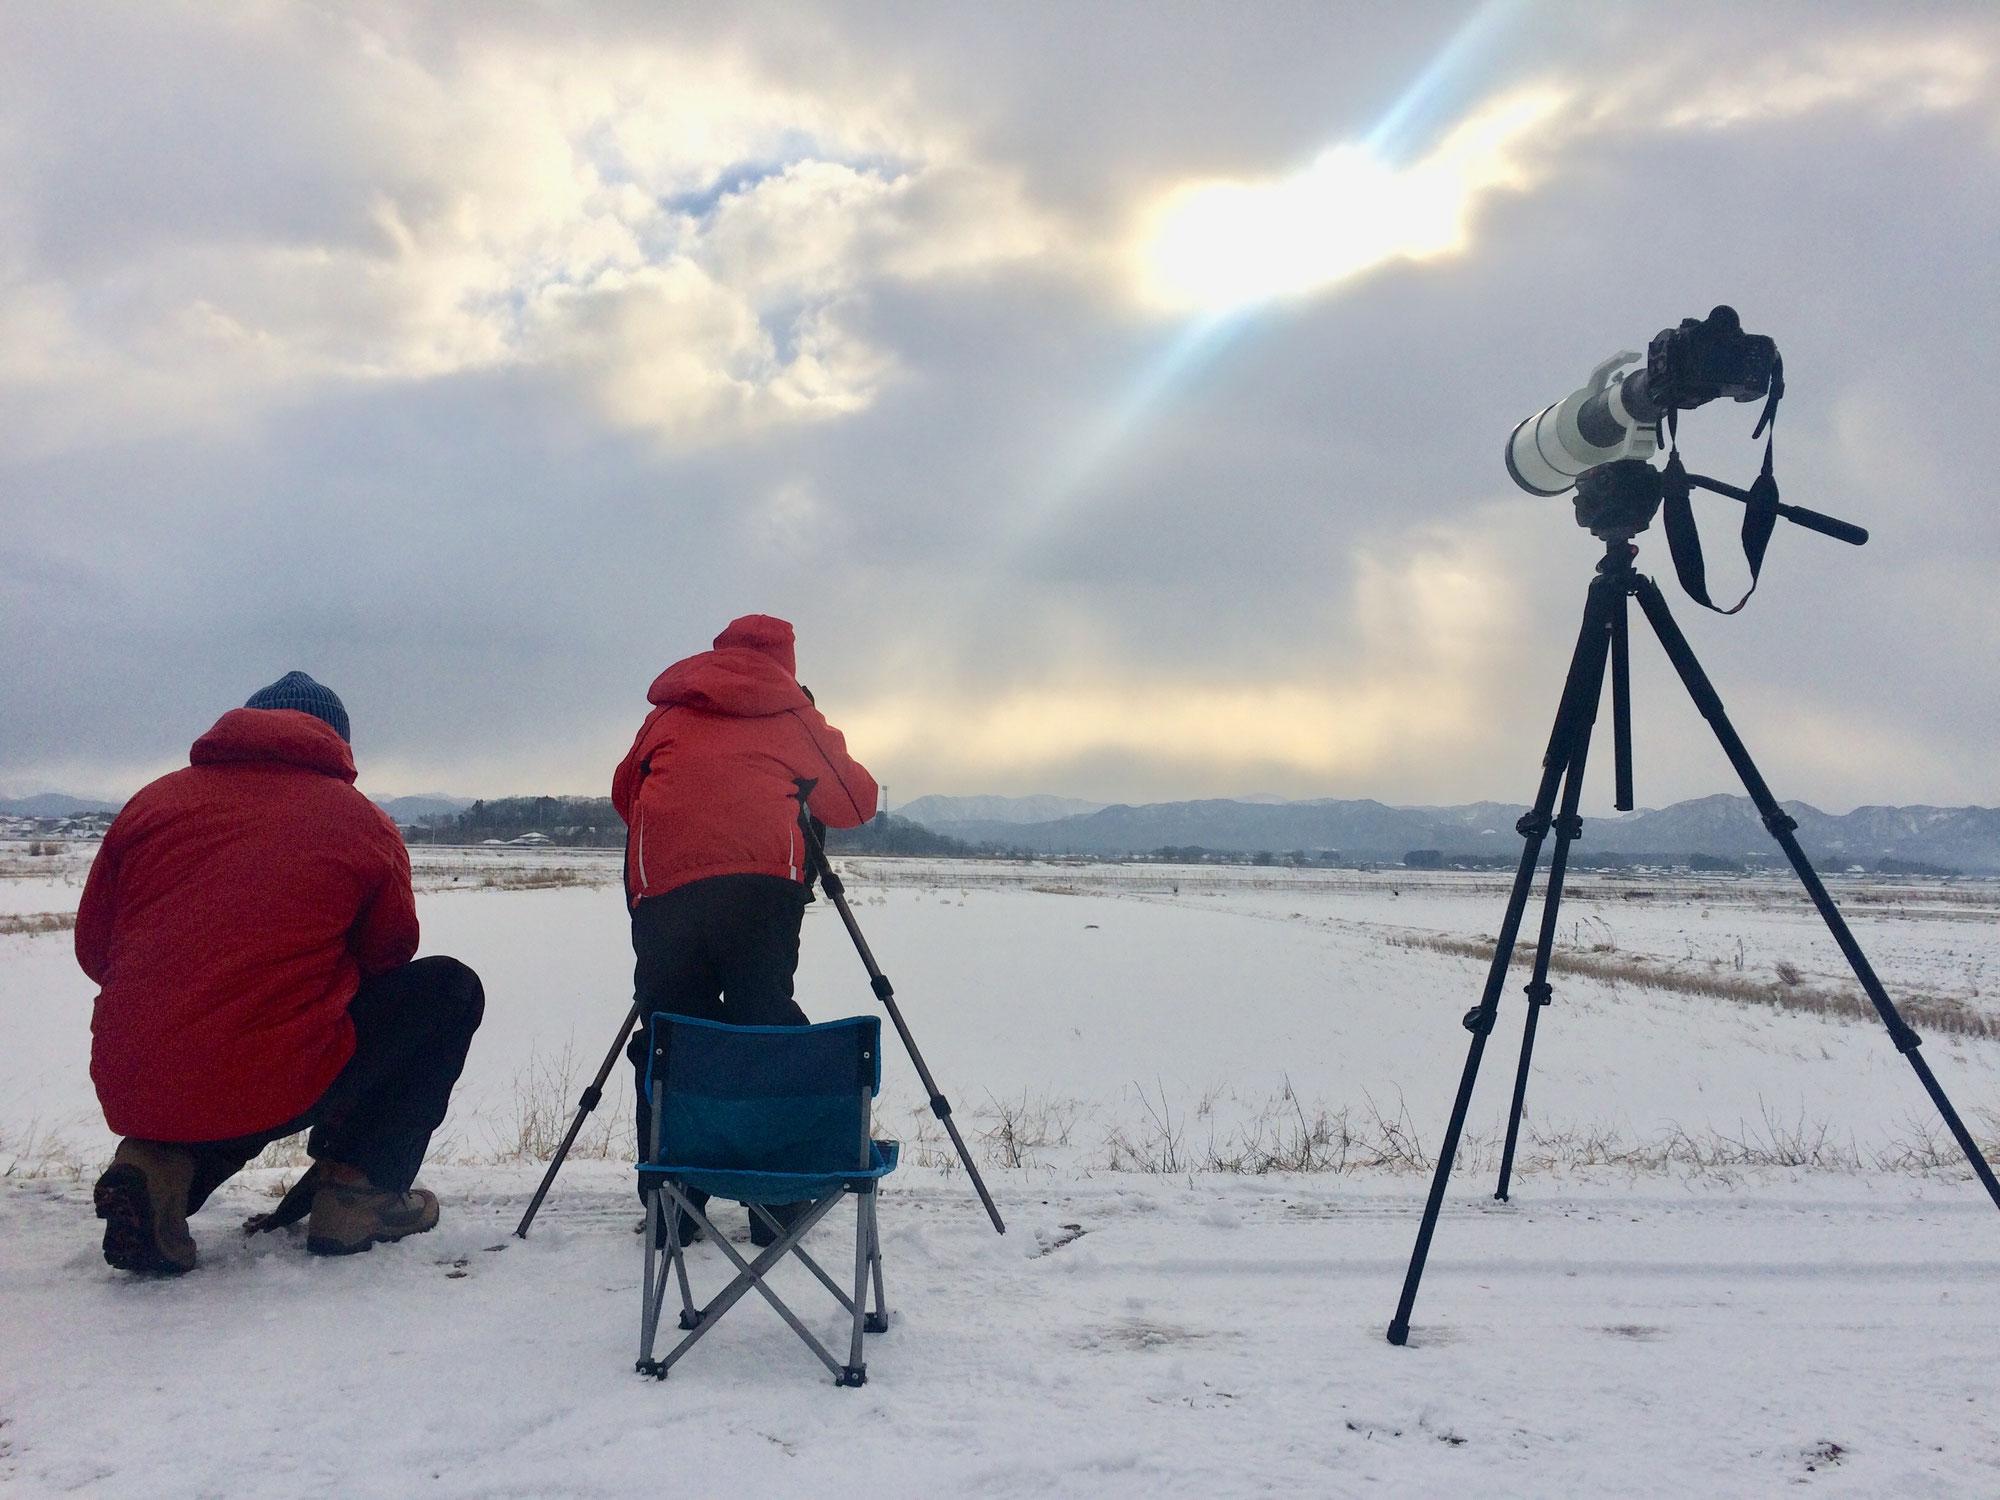 柴山での白鳥撮影会